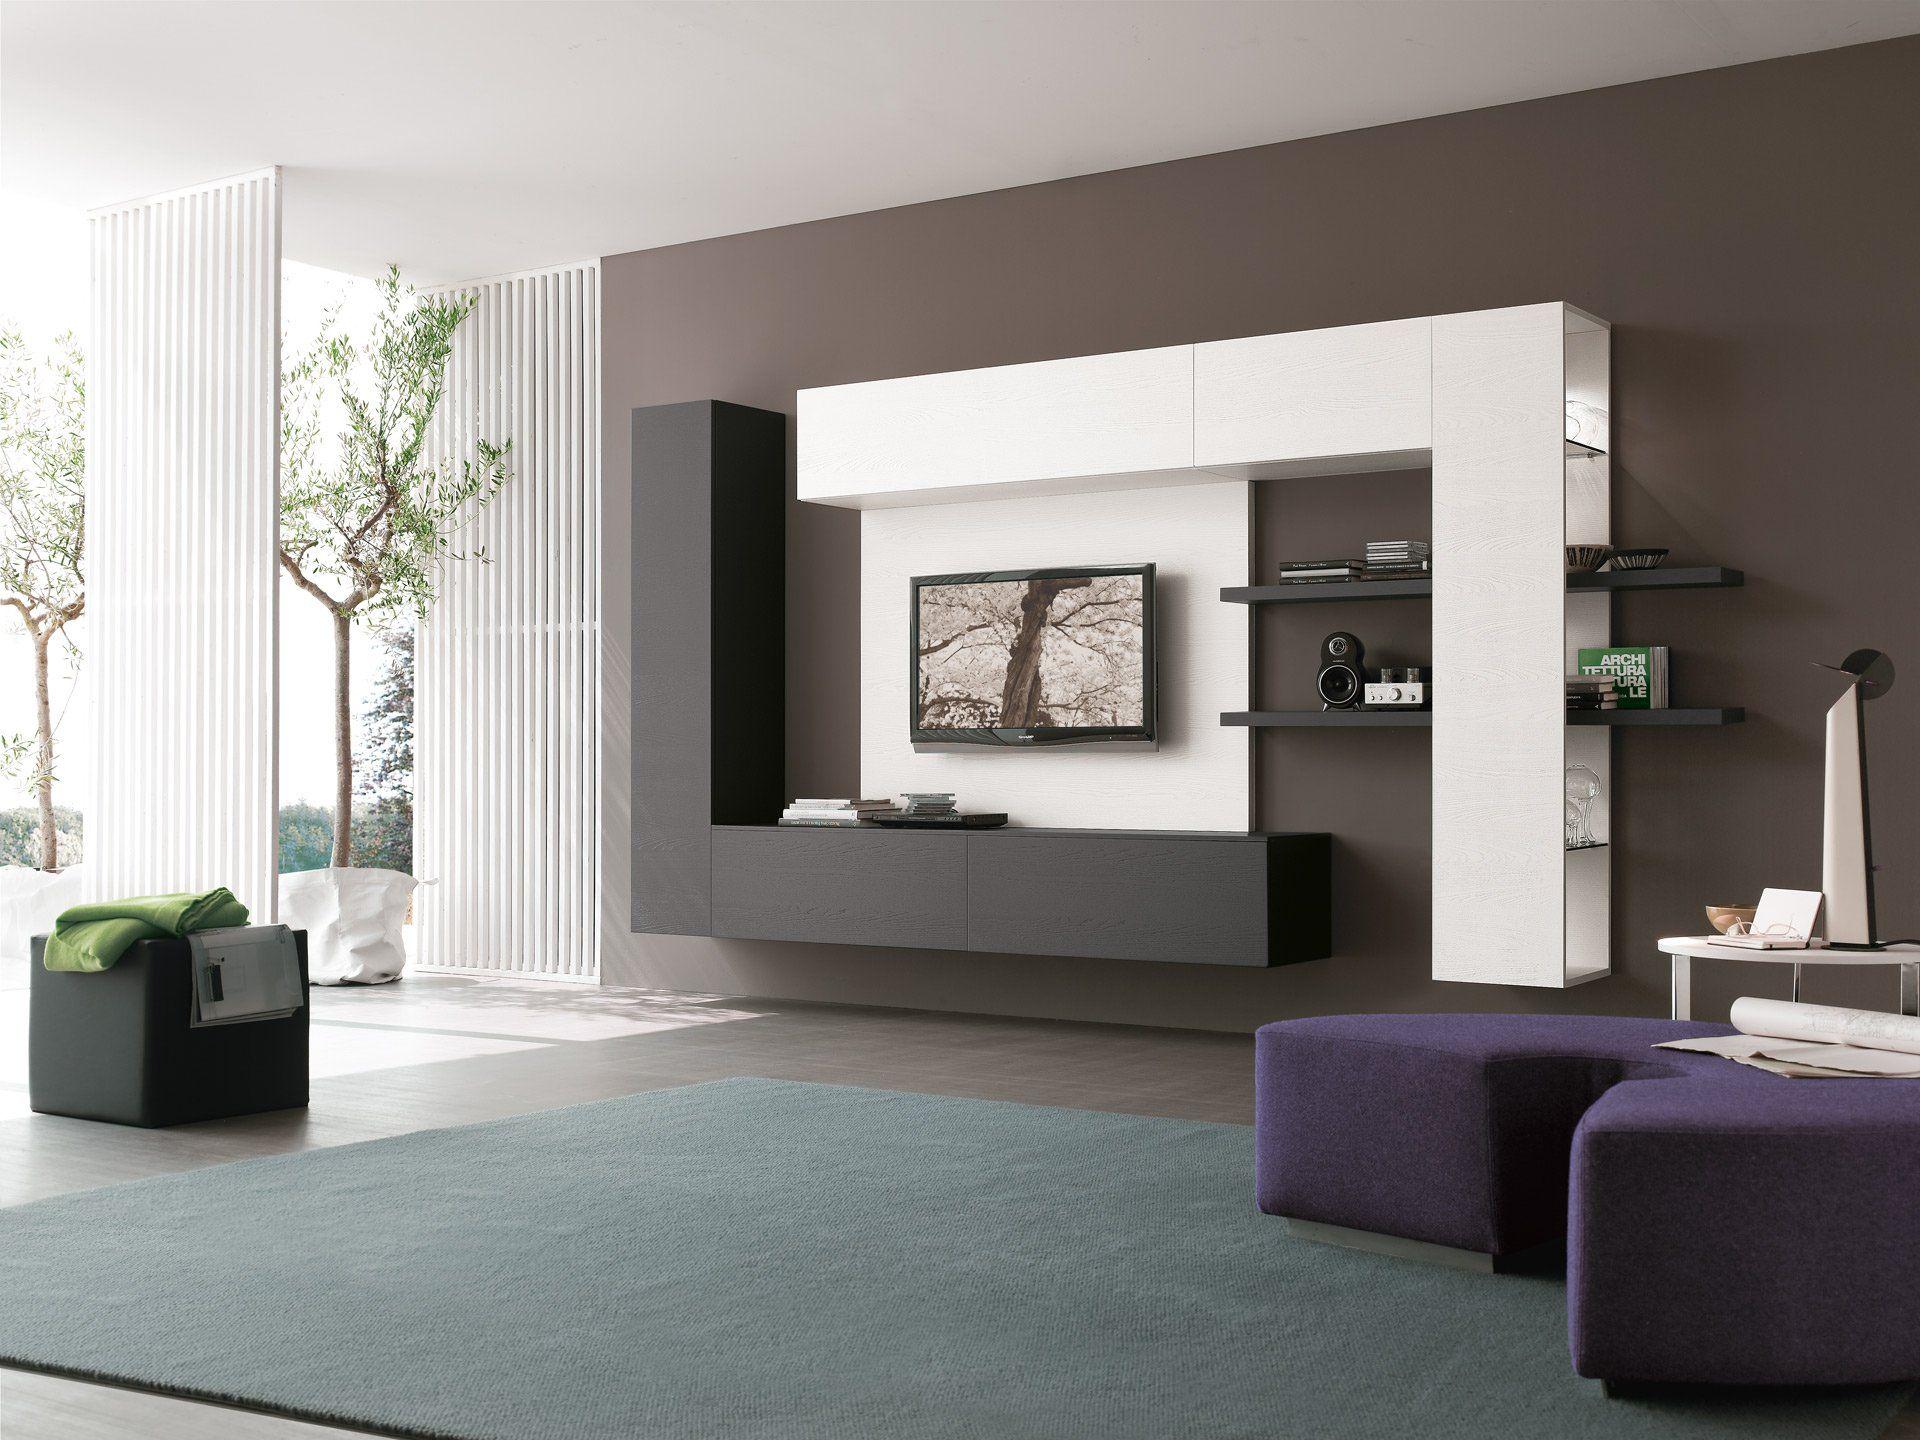 Wohnzimmer Ideen: High-Tech-Wohnzimmer | Wohnzimmer designs ...